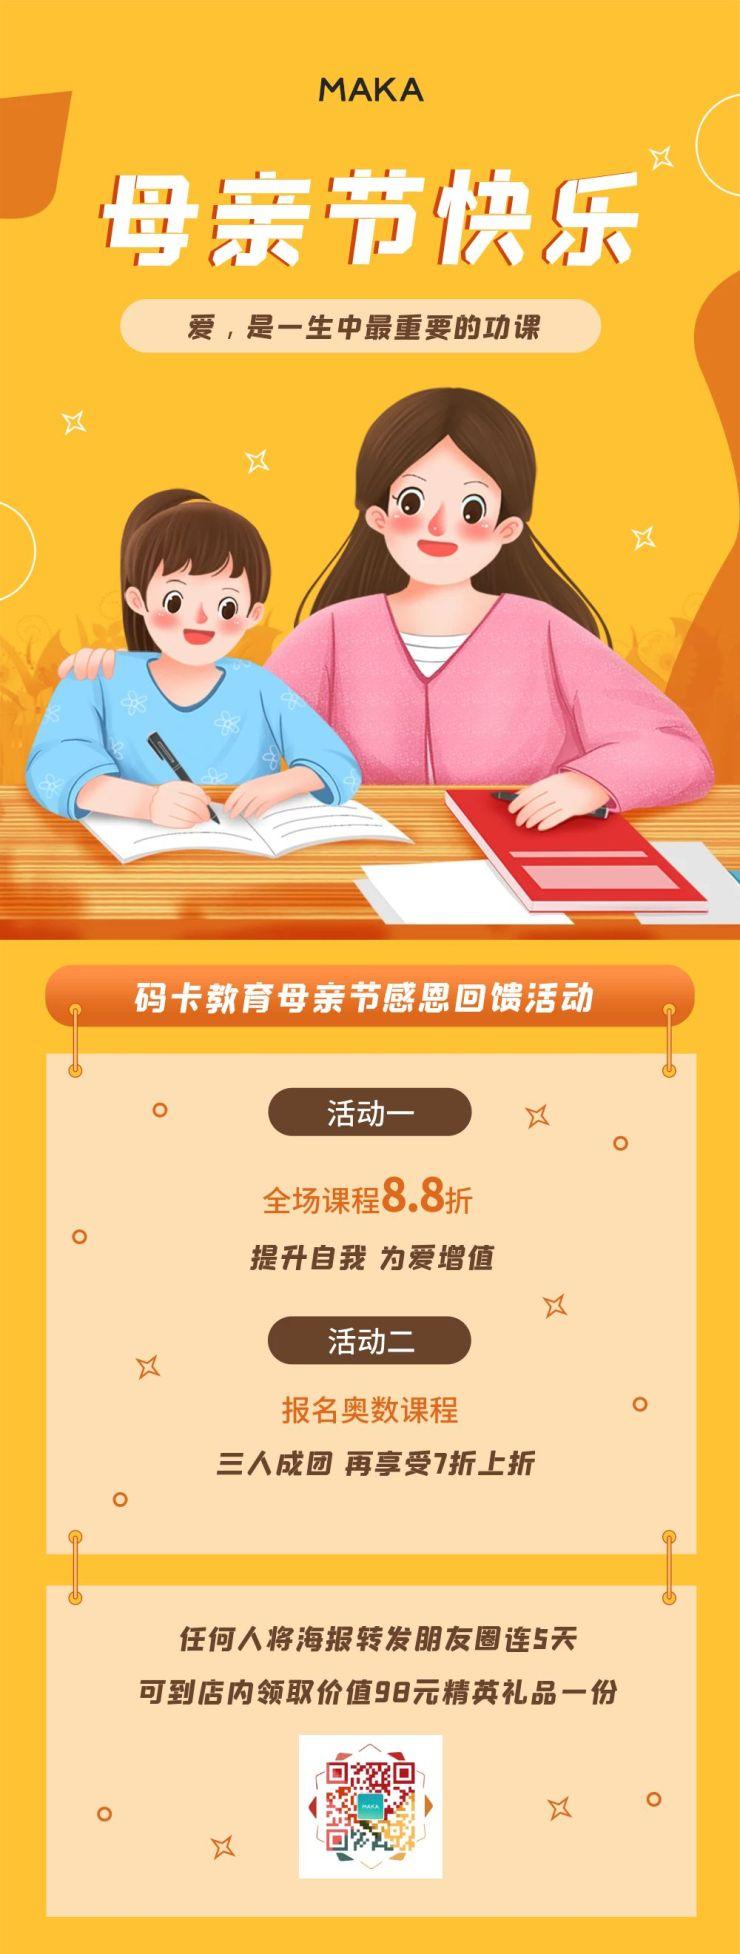 黄色简约风格教培行业母亲节课程促销长图文